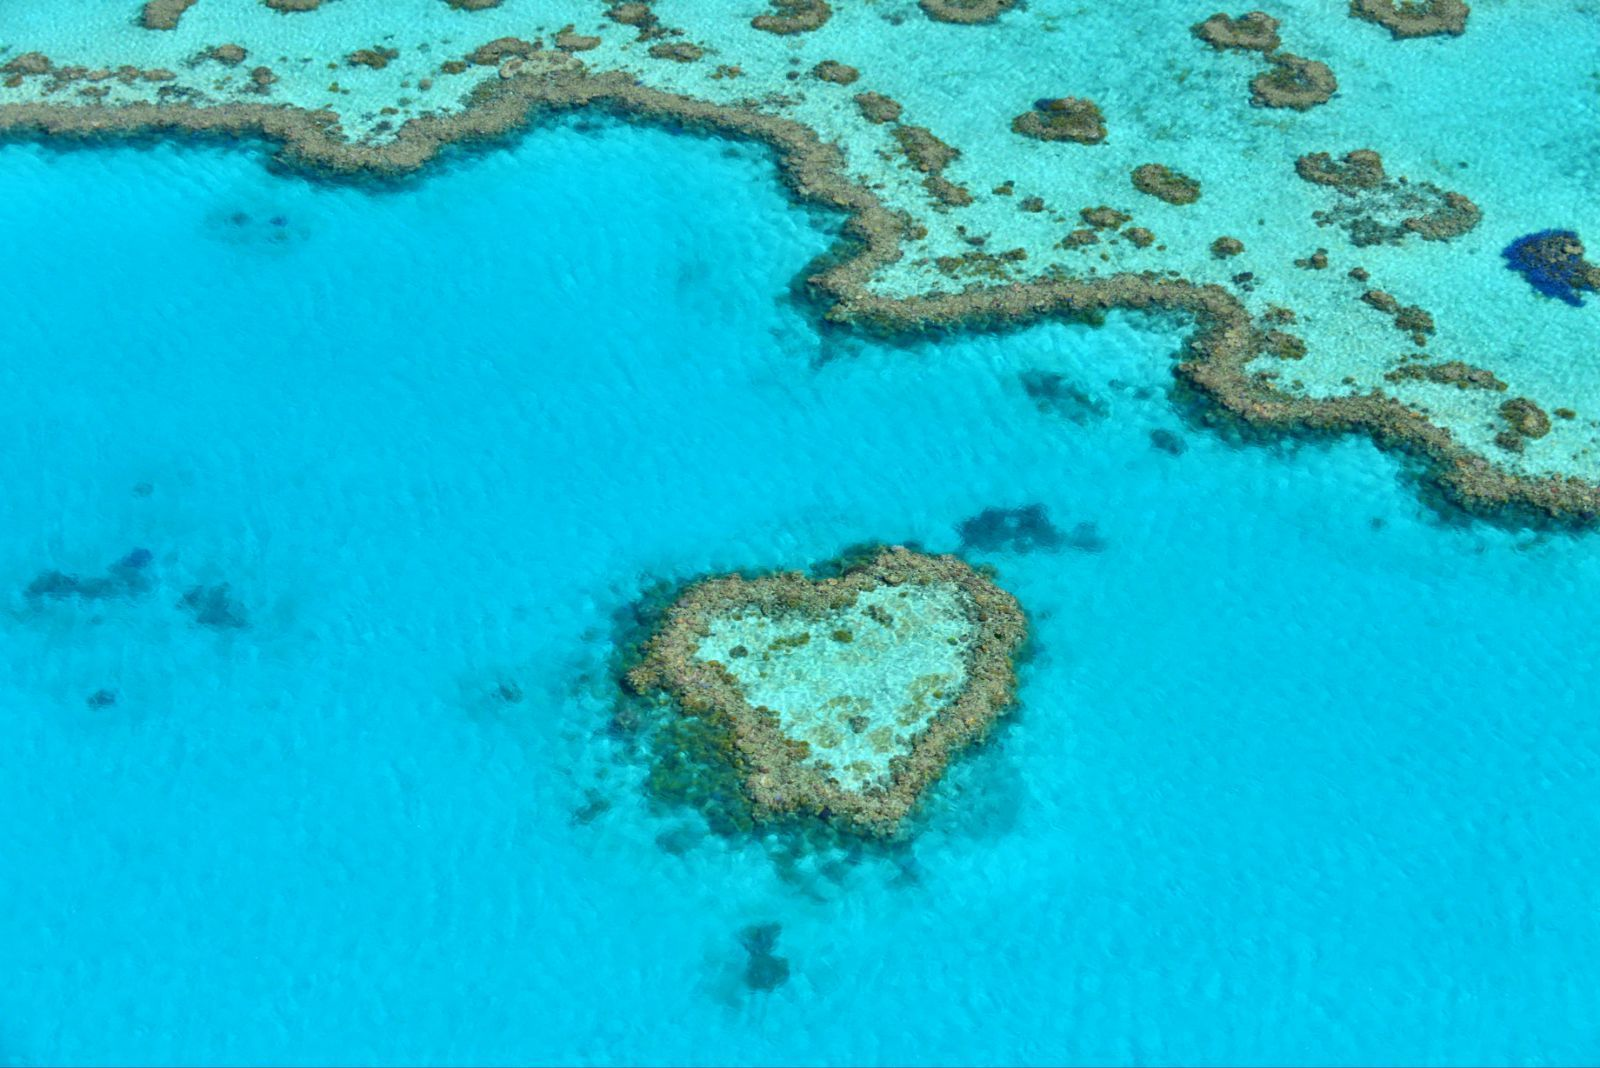 大堡礁  Great Barrier Reef   -1